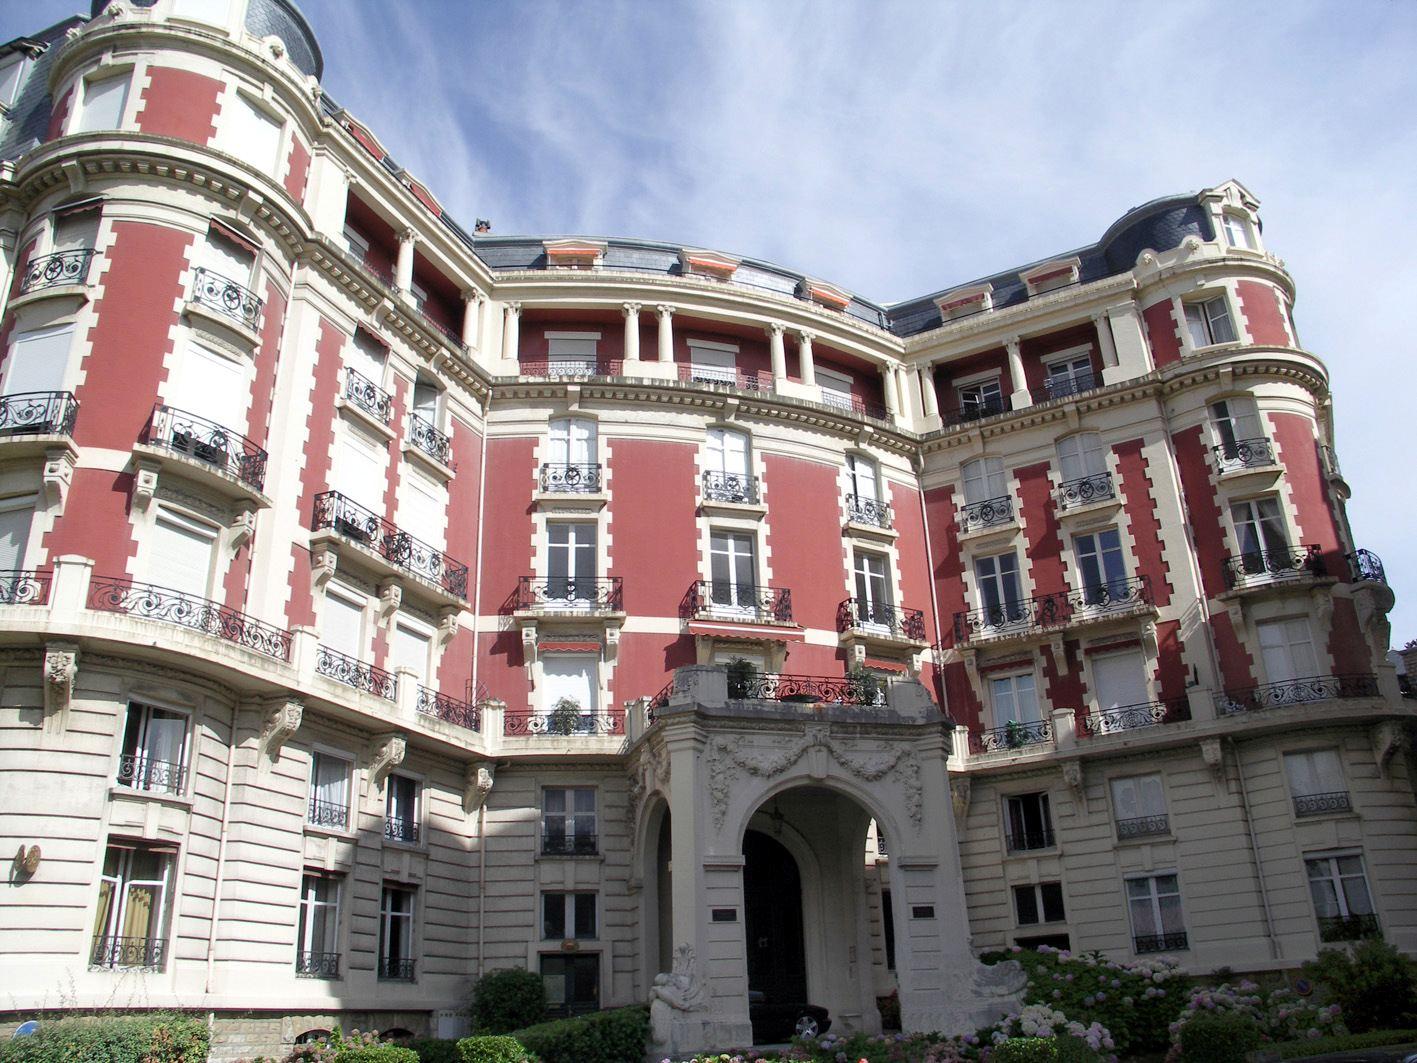 Квартира для того Продажа на BIARRITZ QUARTIER IMPERIAL Biarritz, Аквитания, 64200 Франция